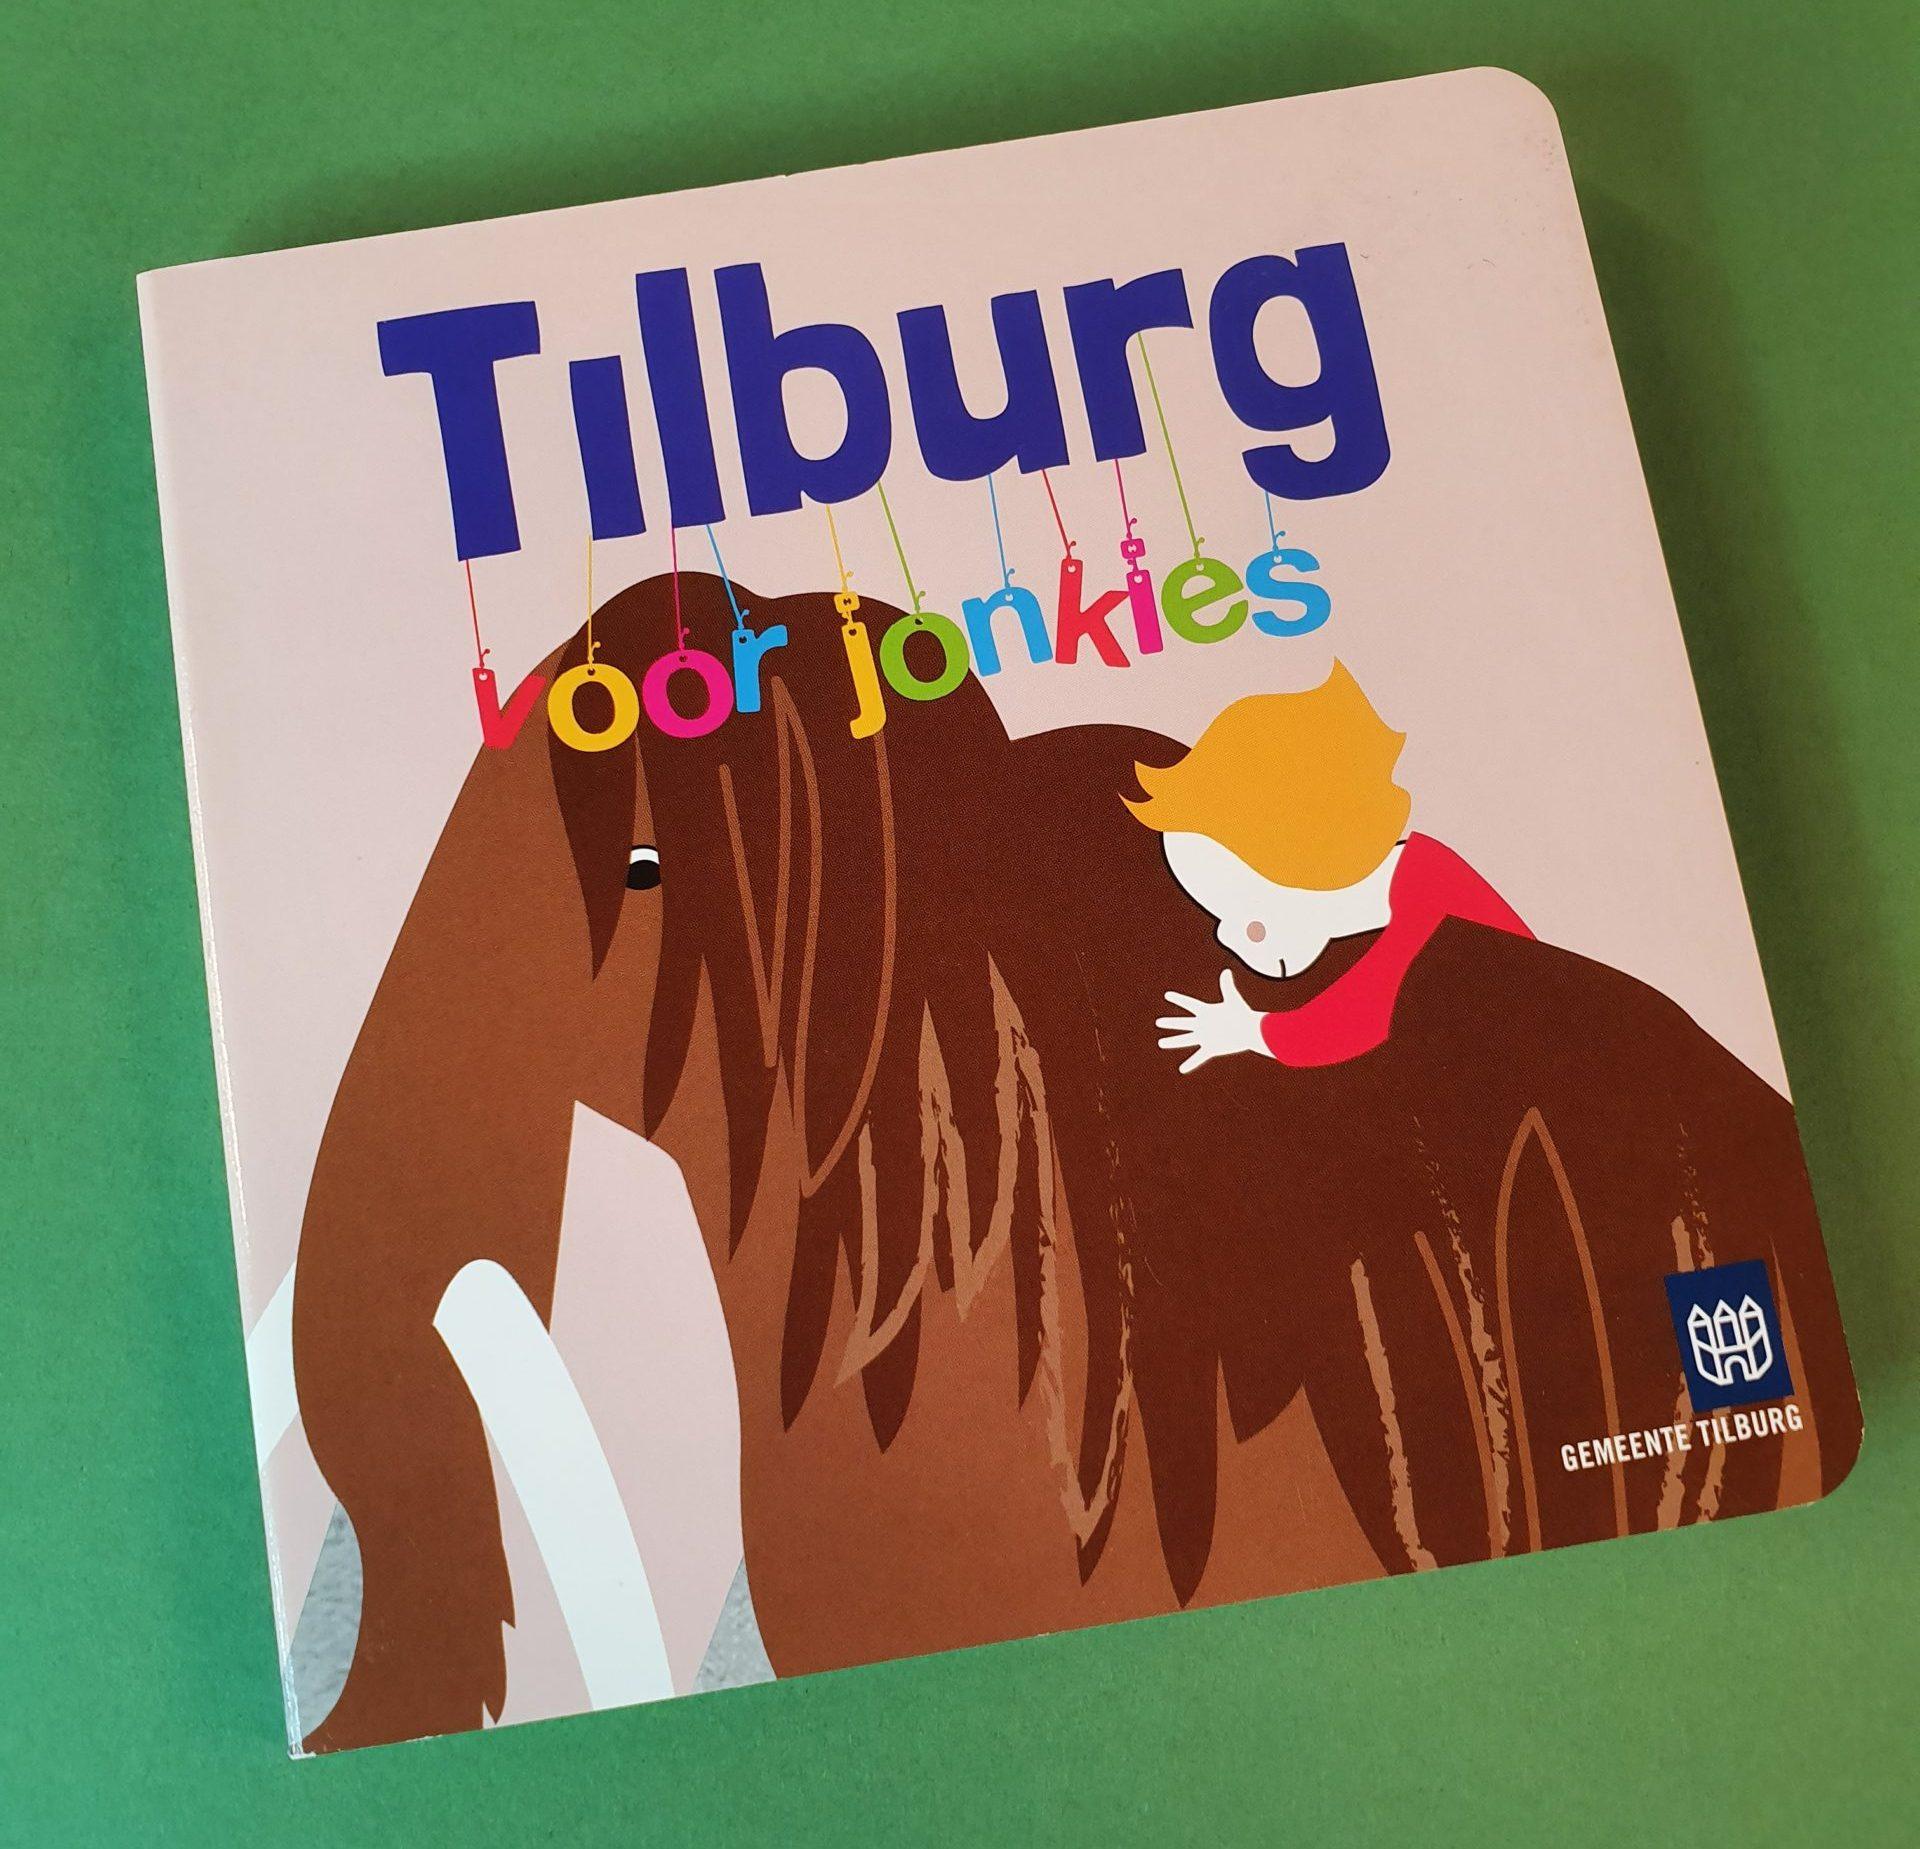 Tilburg voor jonkies